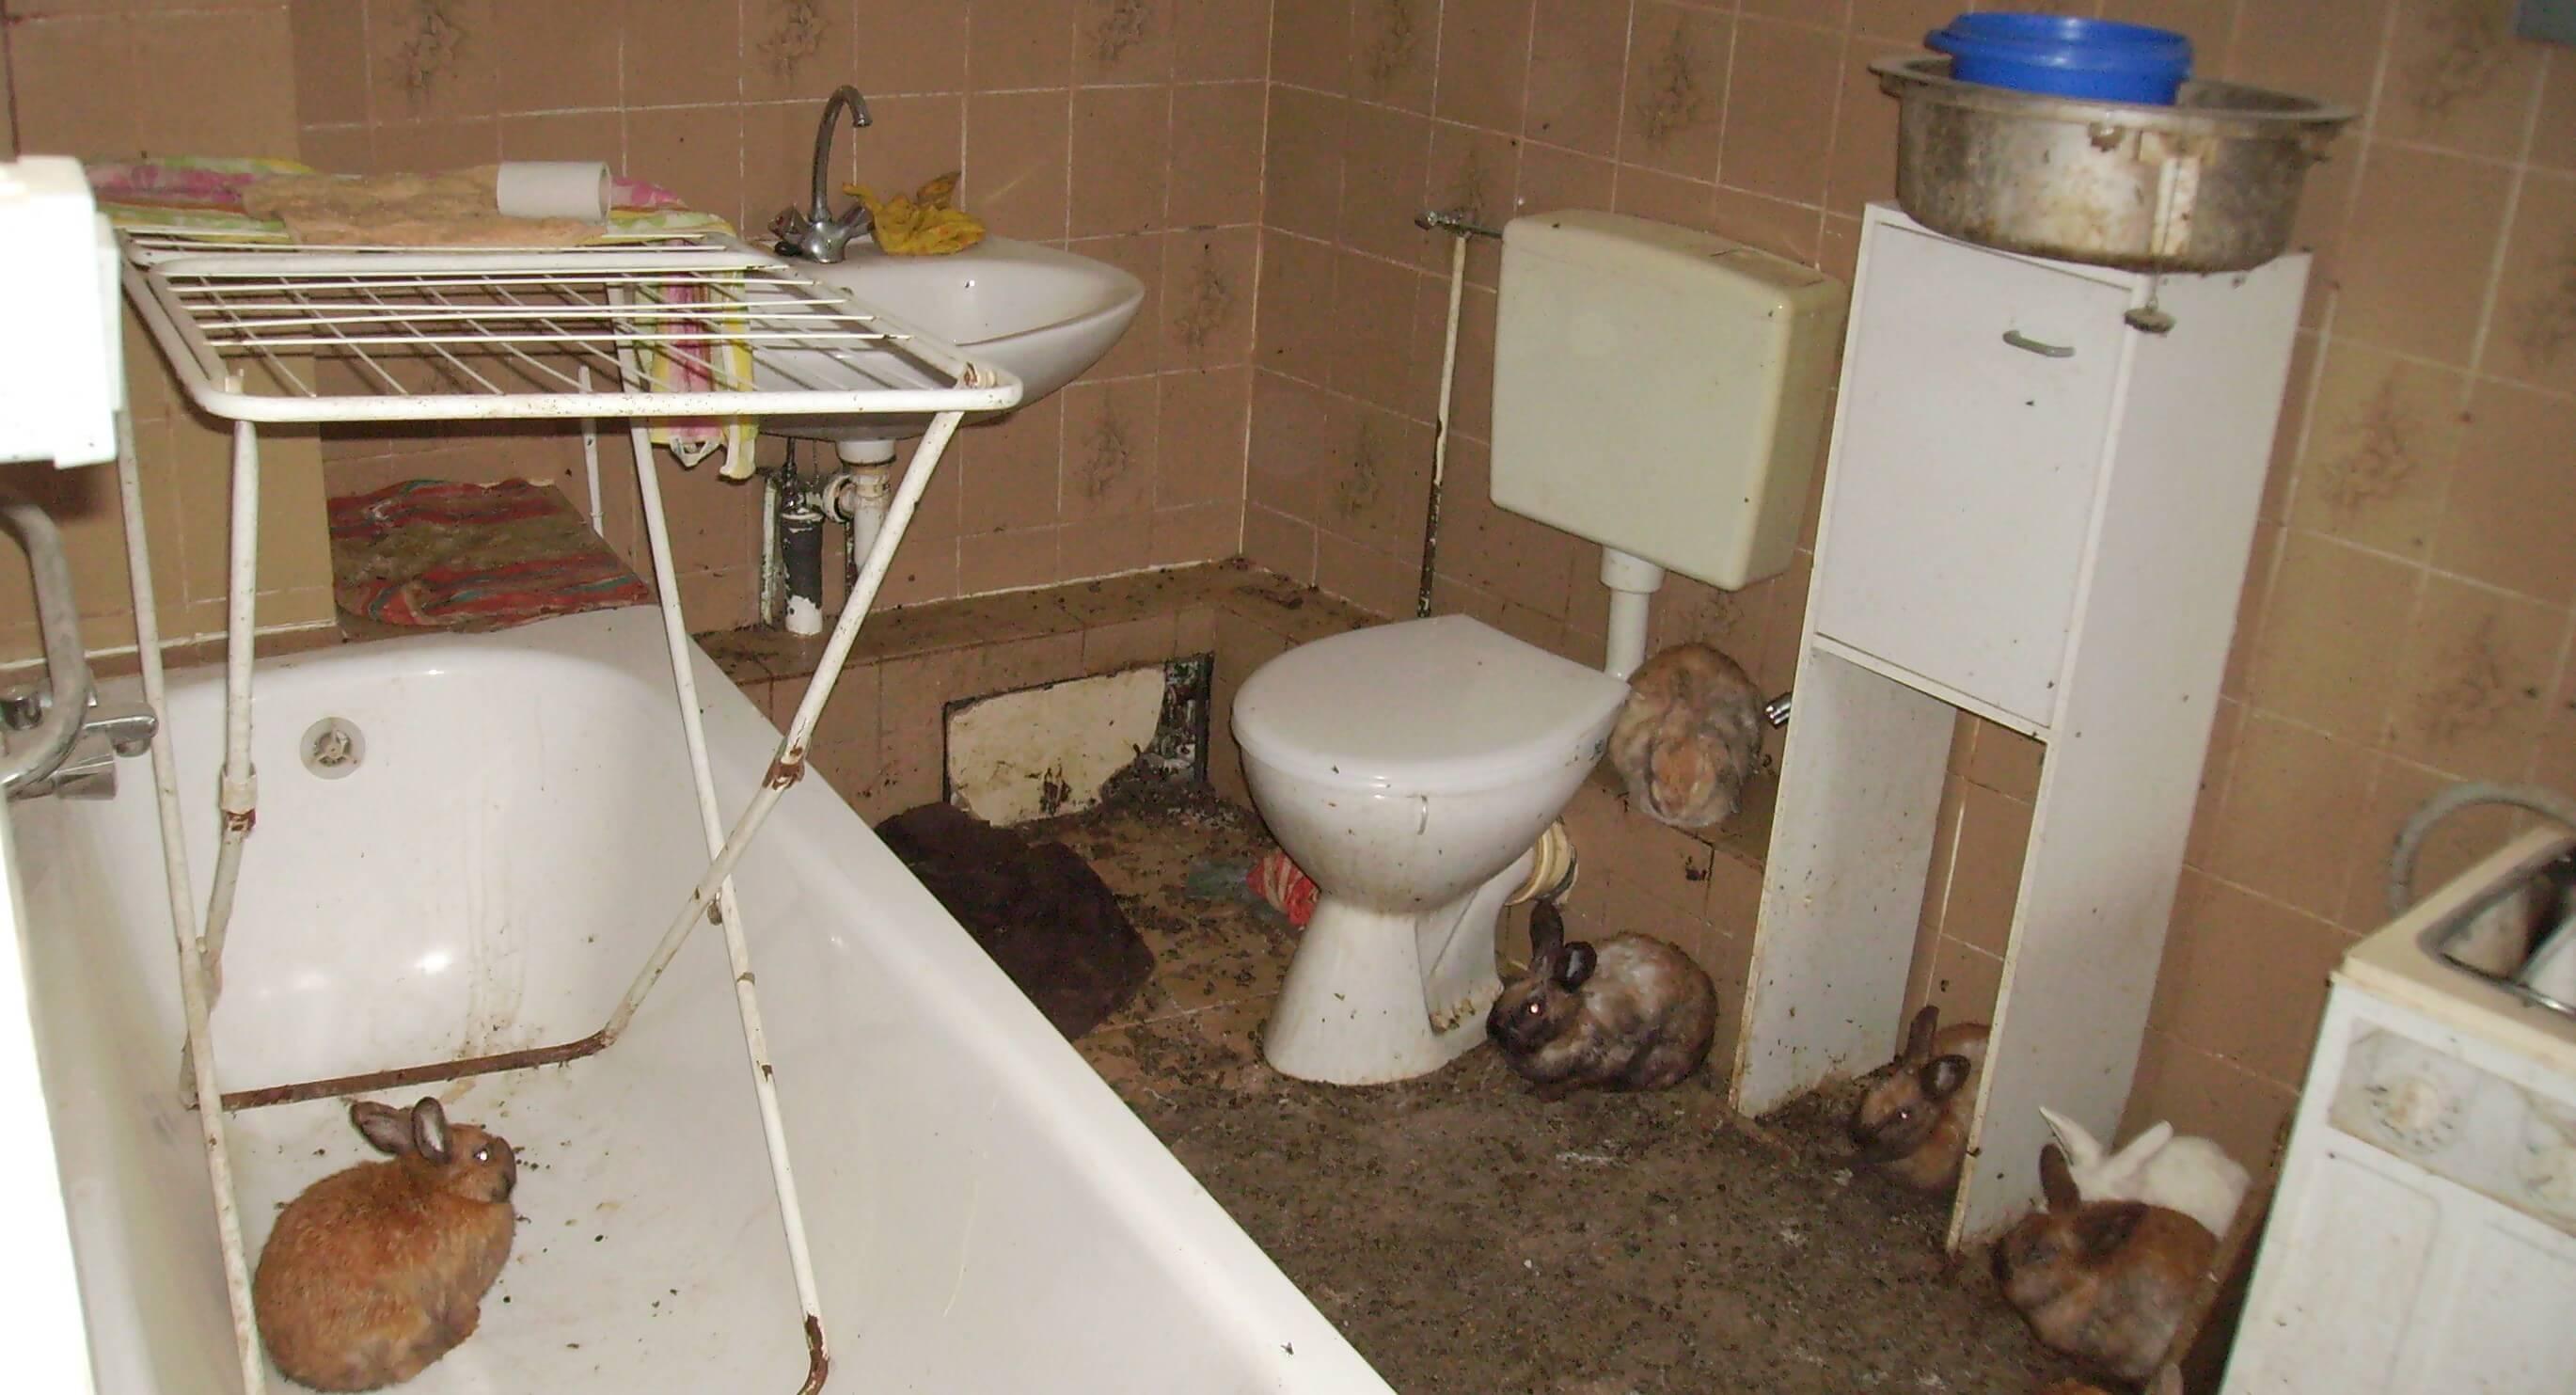 Animal Hoarding Wohnungen müssen gründlich desinfiziert und entseucht werden.